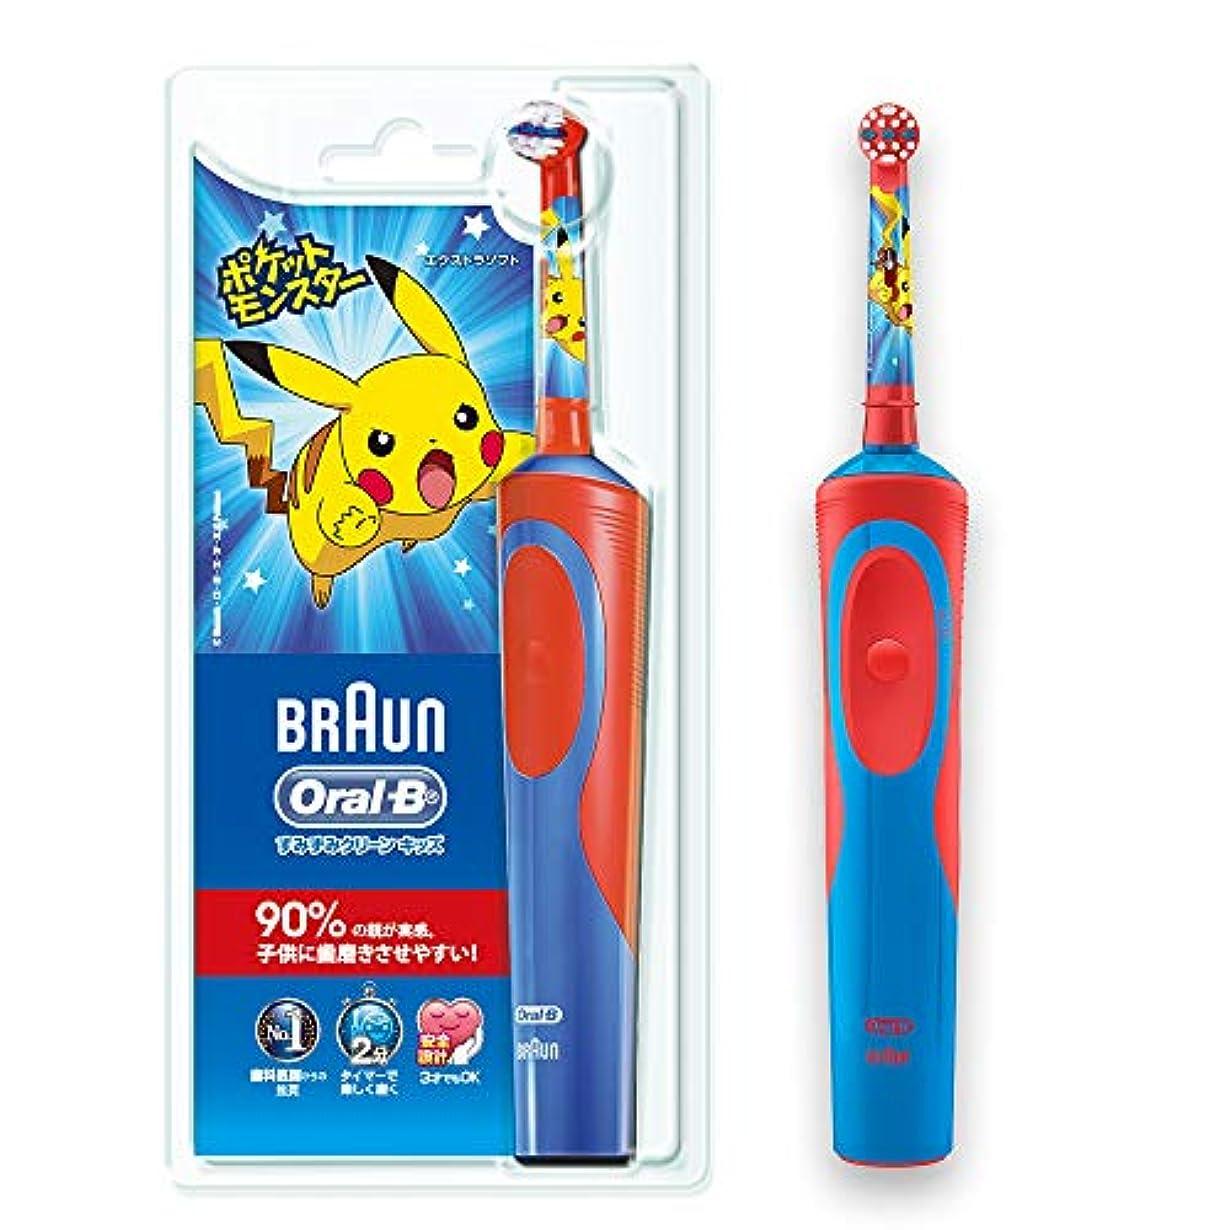 刻むマーケティング野球ブラウン オーラルB 電動歯ブラシ 子供用 D12513KPKMB すみずみクリーンキッズ 本体 レッド ポケモン 歯ブラシ